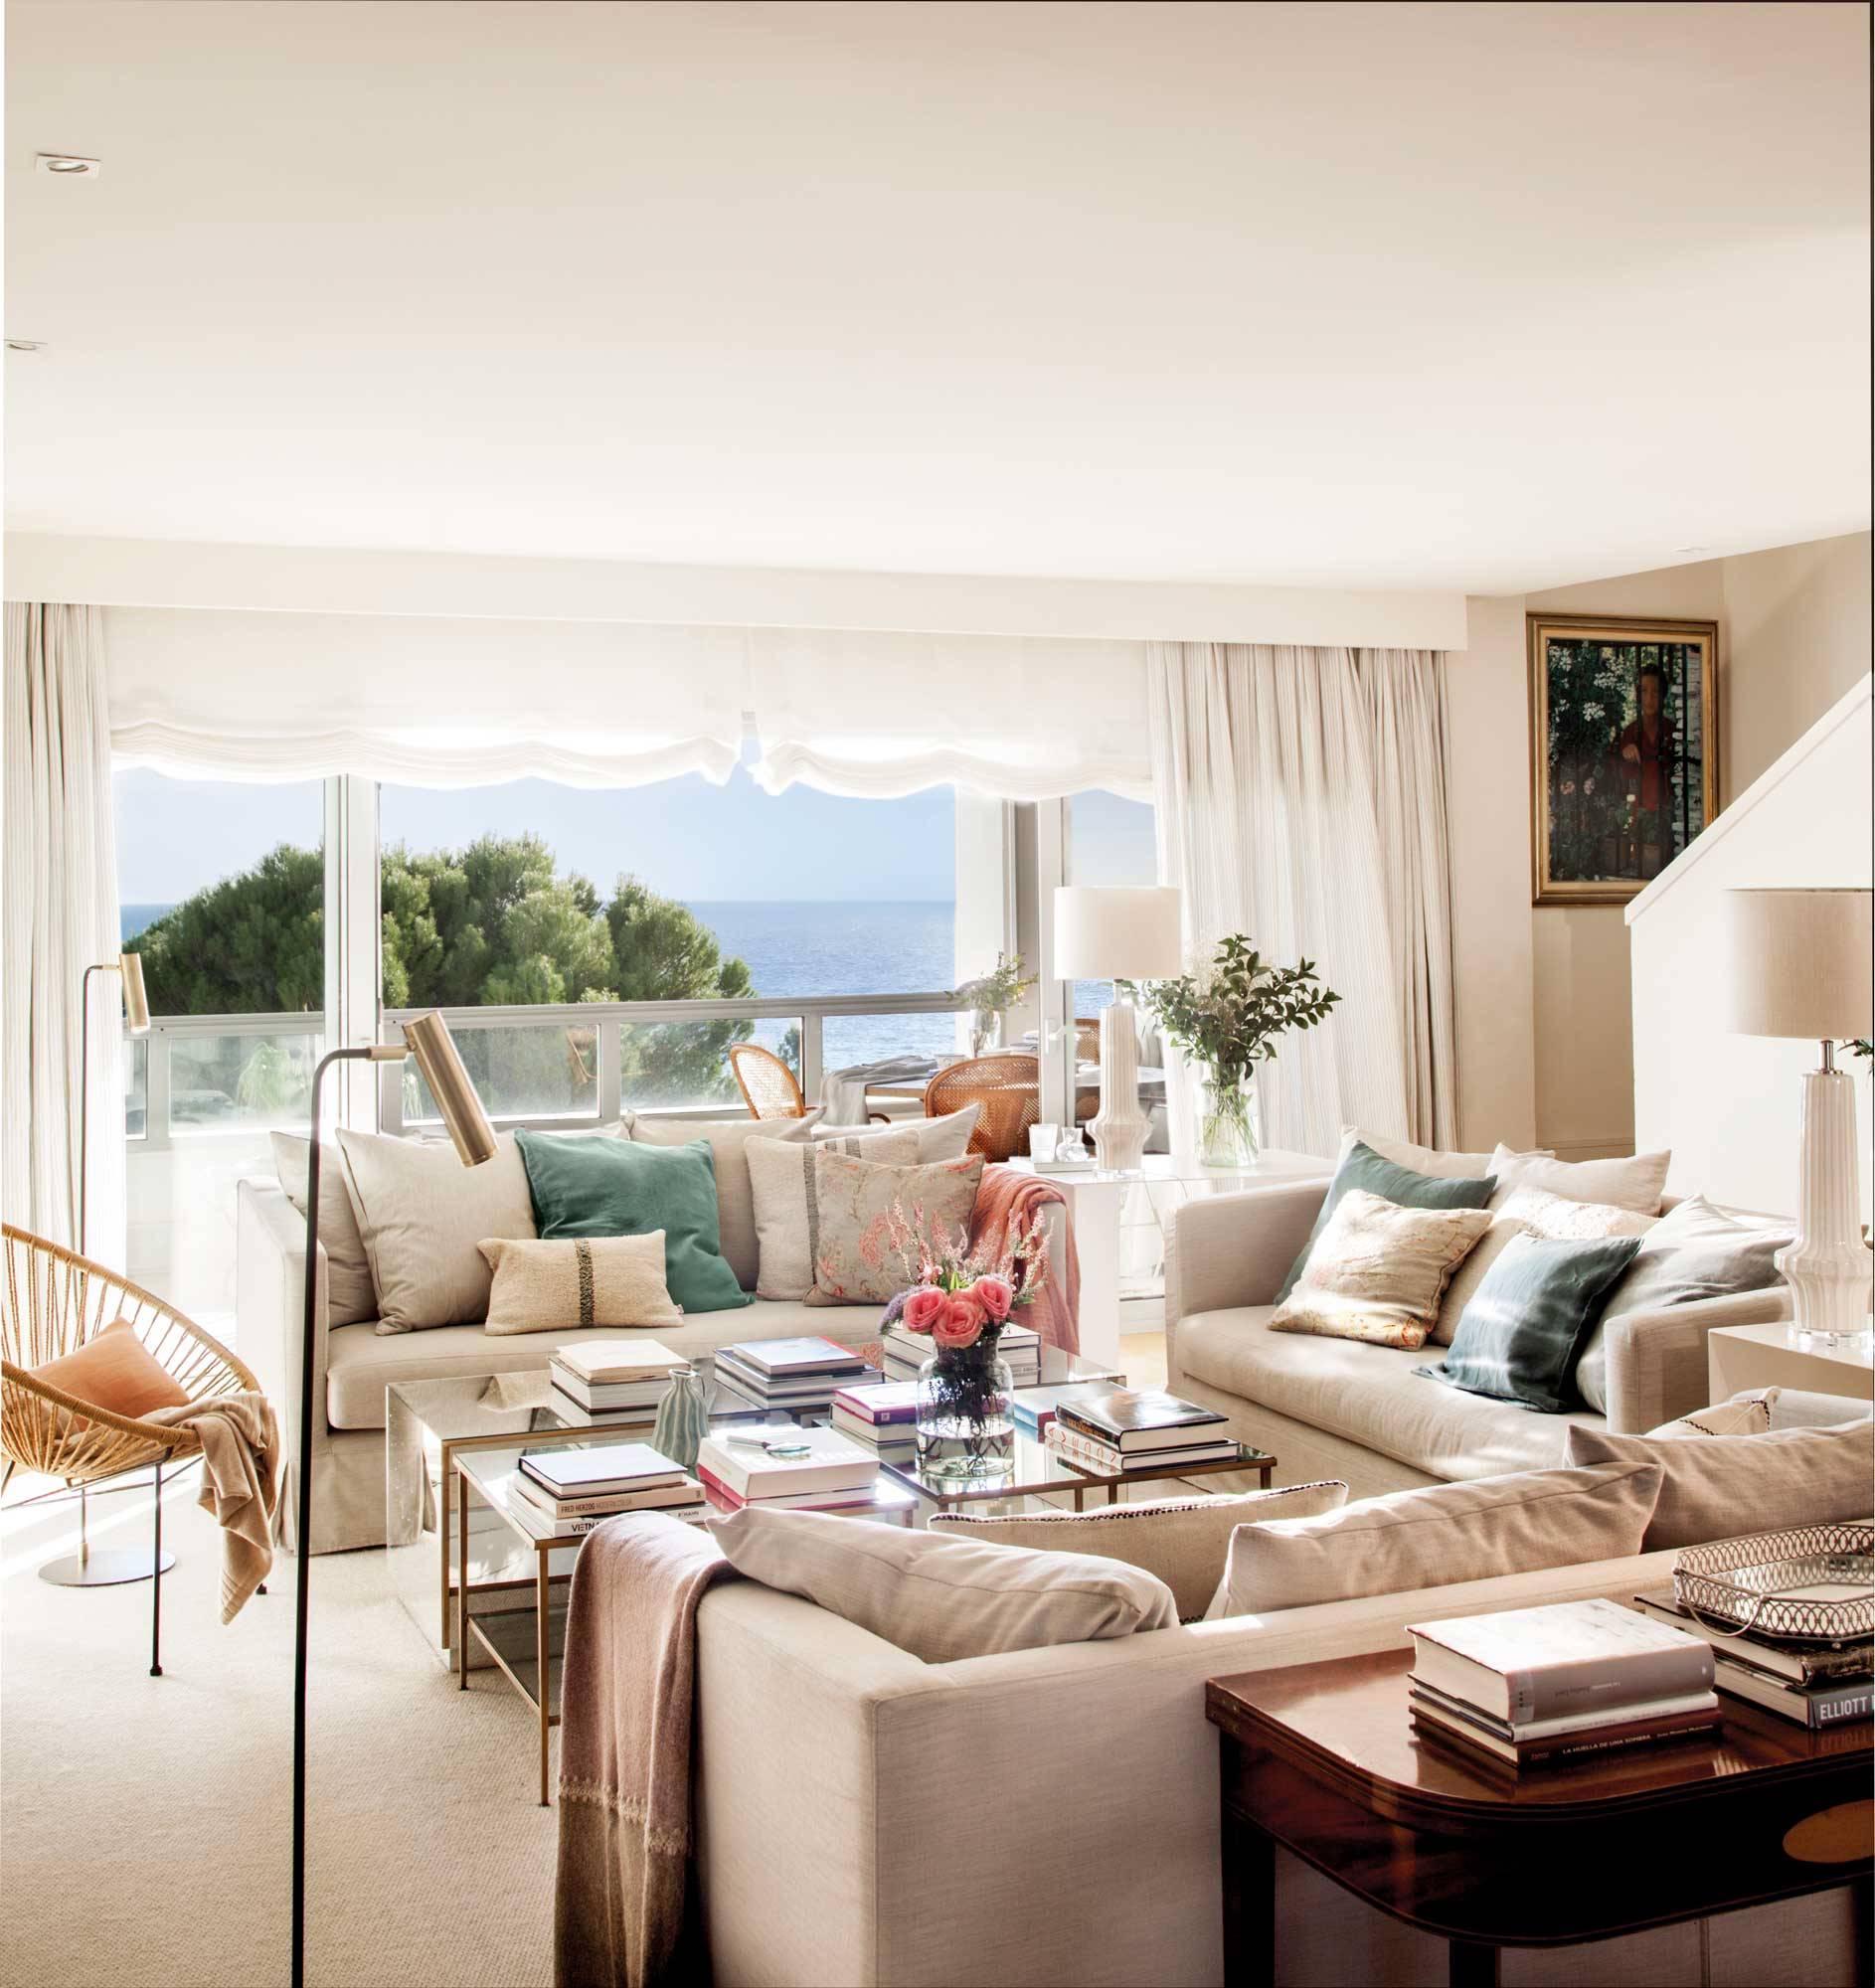 errores-al-elegir-sofa-00497565. No probar bien el sofá, ¡debe ser cómodo!